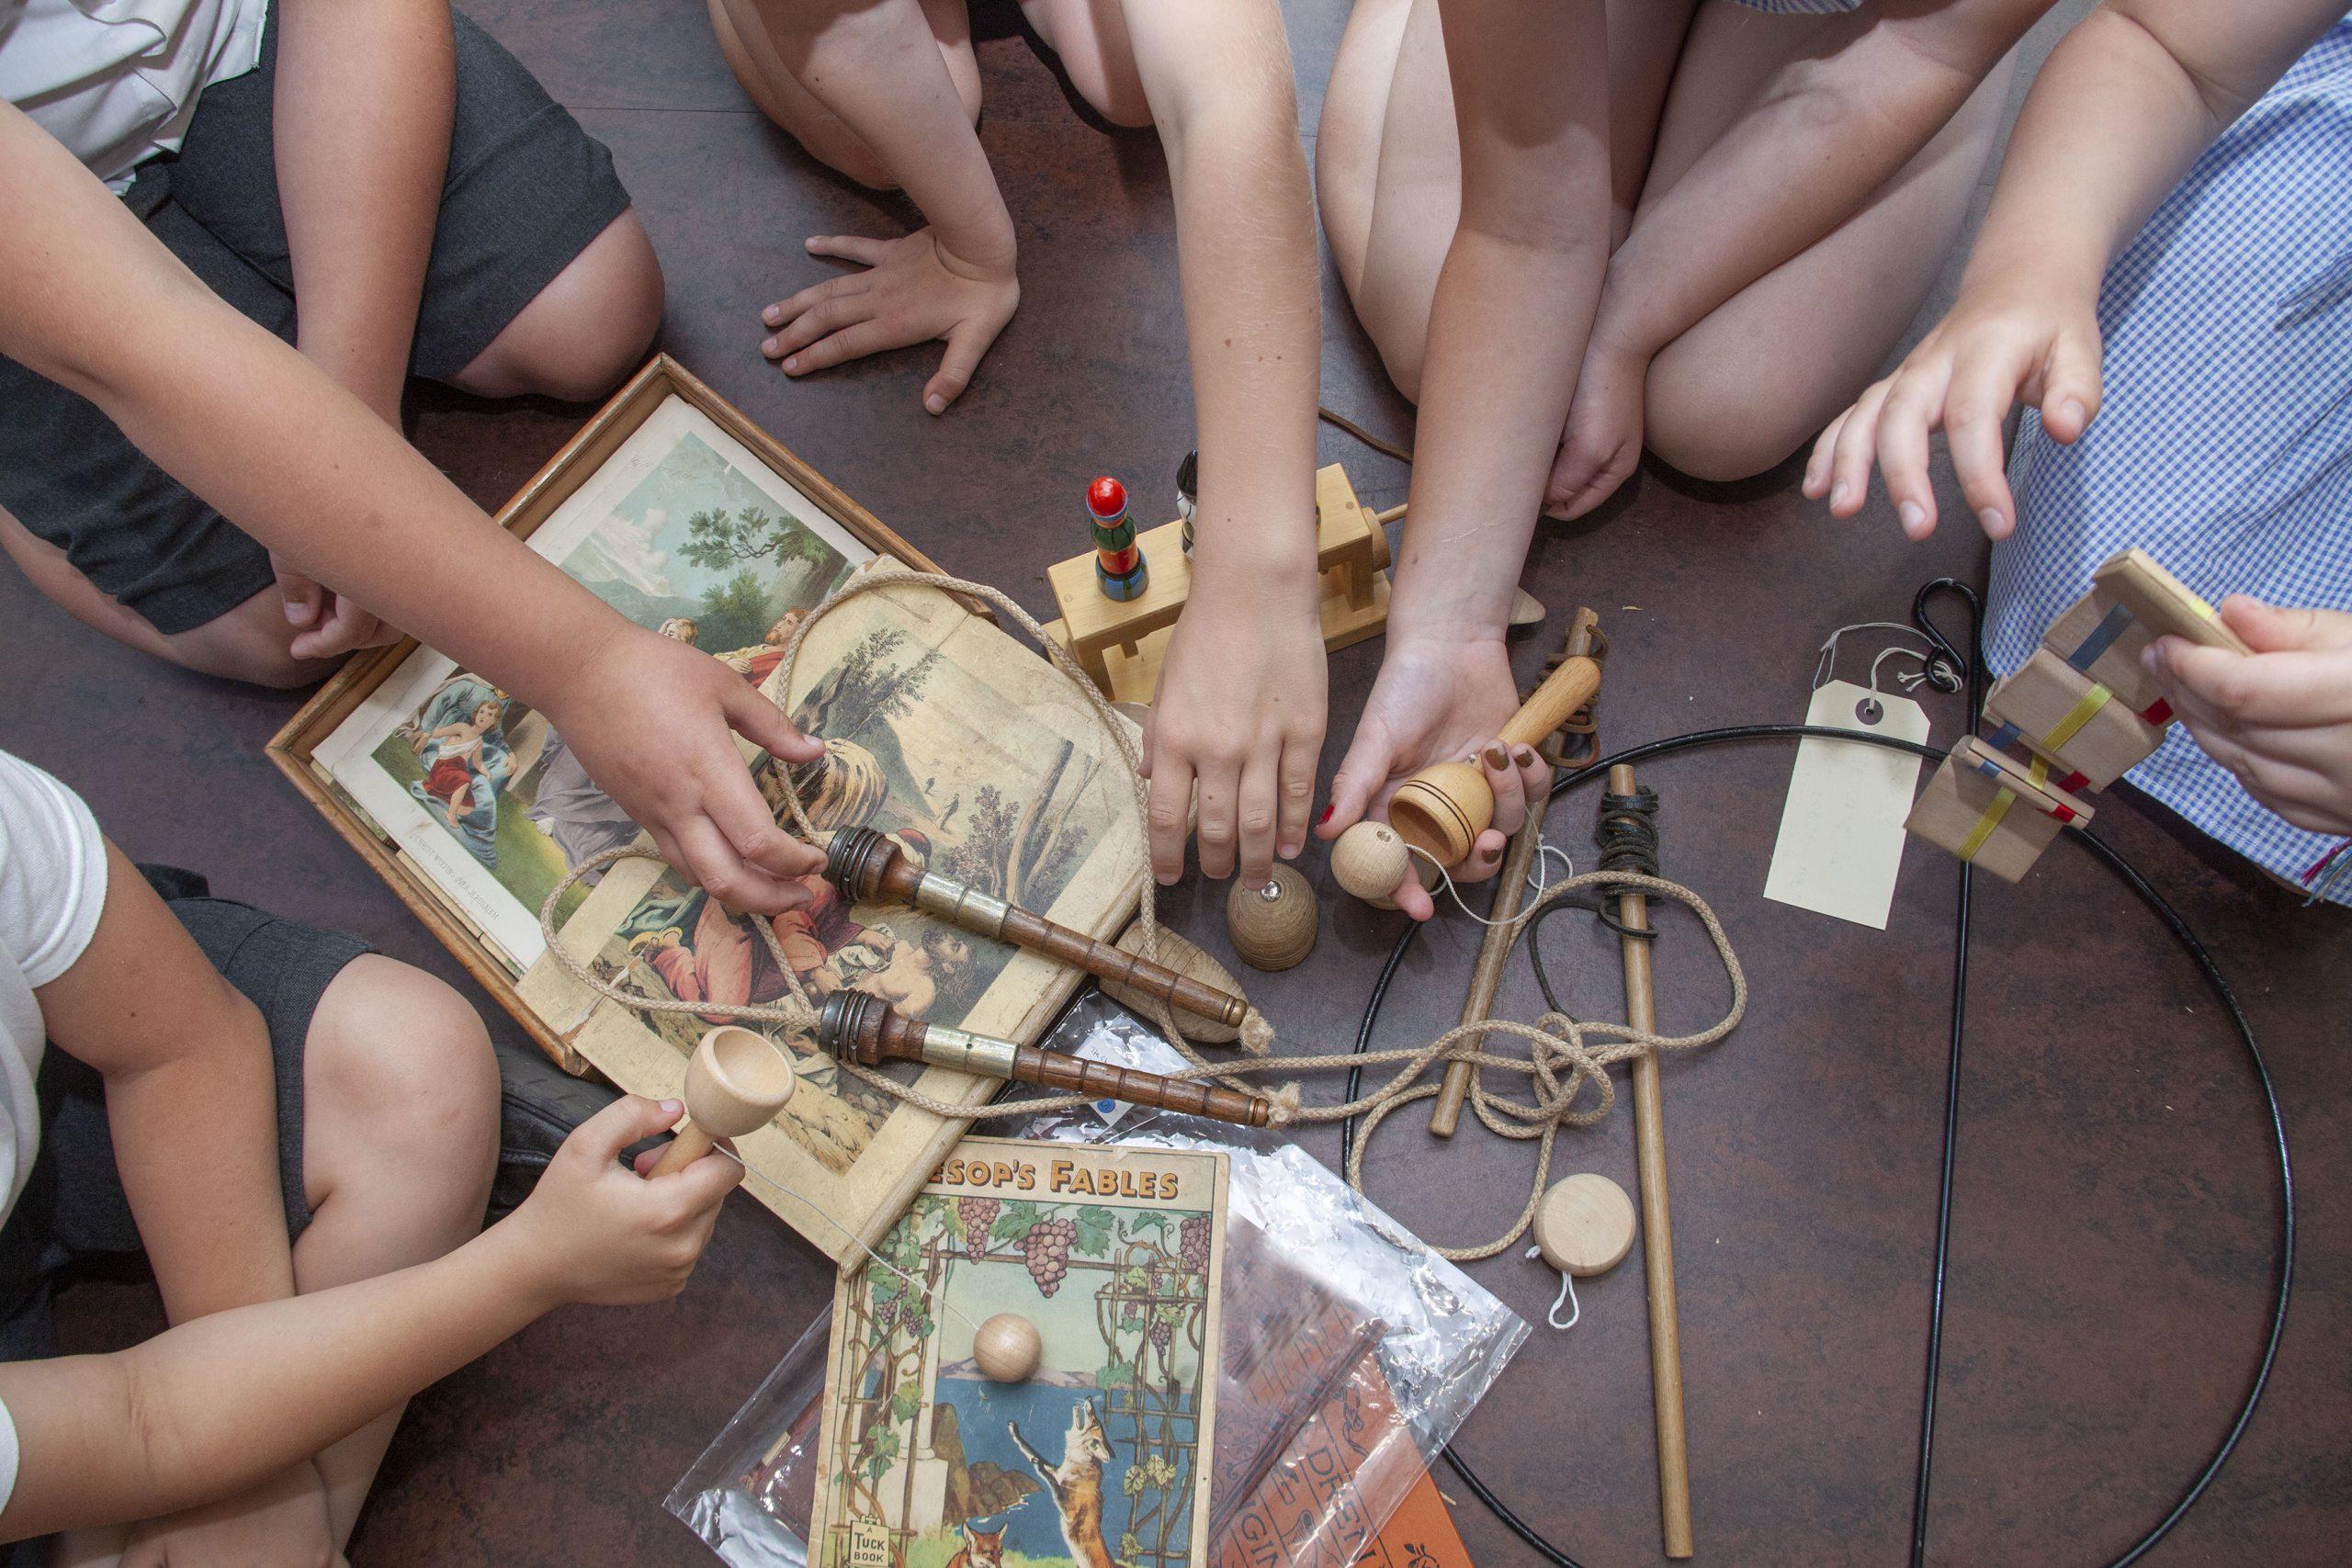 Children holding old toys